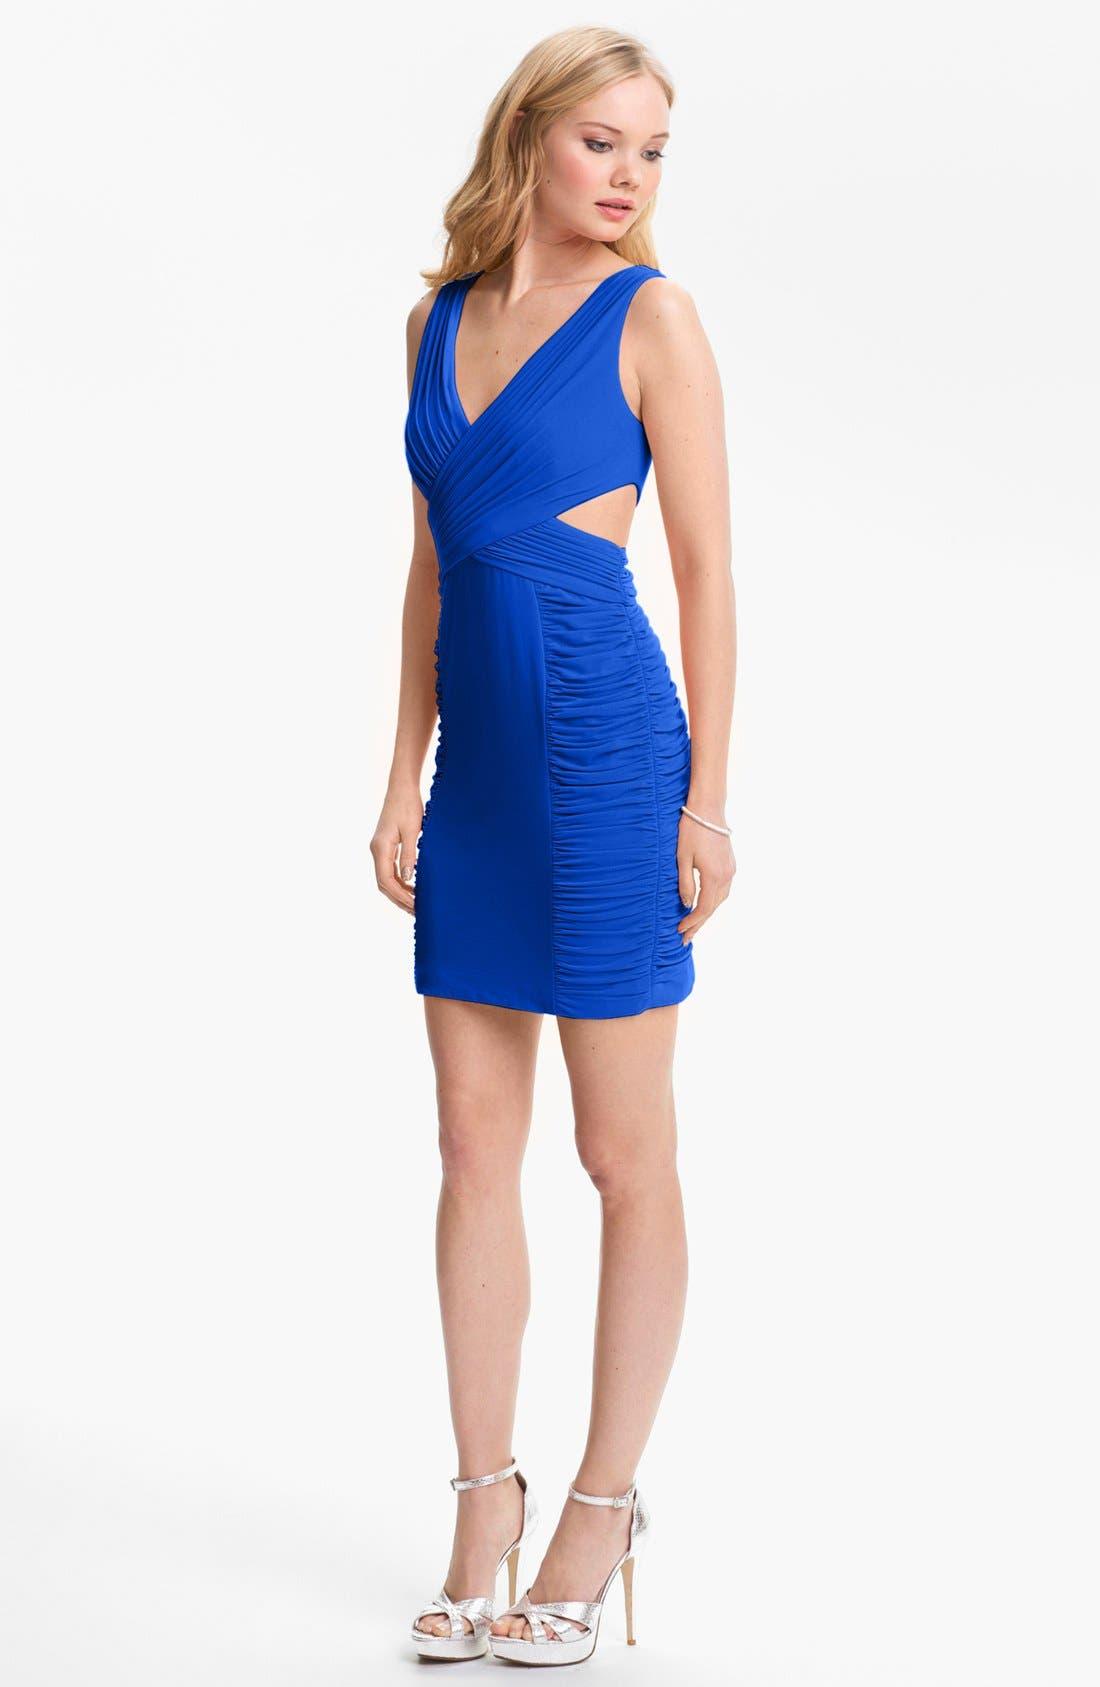 Alternate Image 1 Selected - Hailey Logan Cutout Crisscross Dress (Juniors) (Online Only)